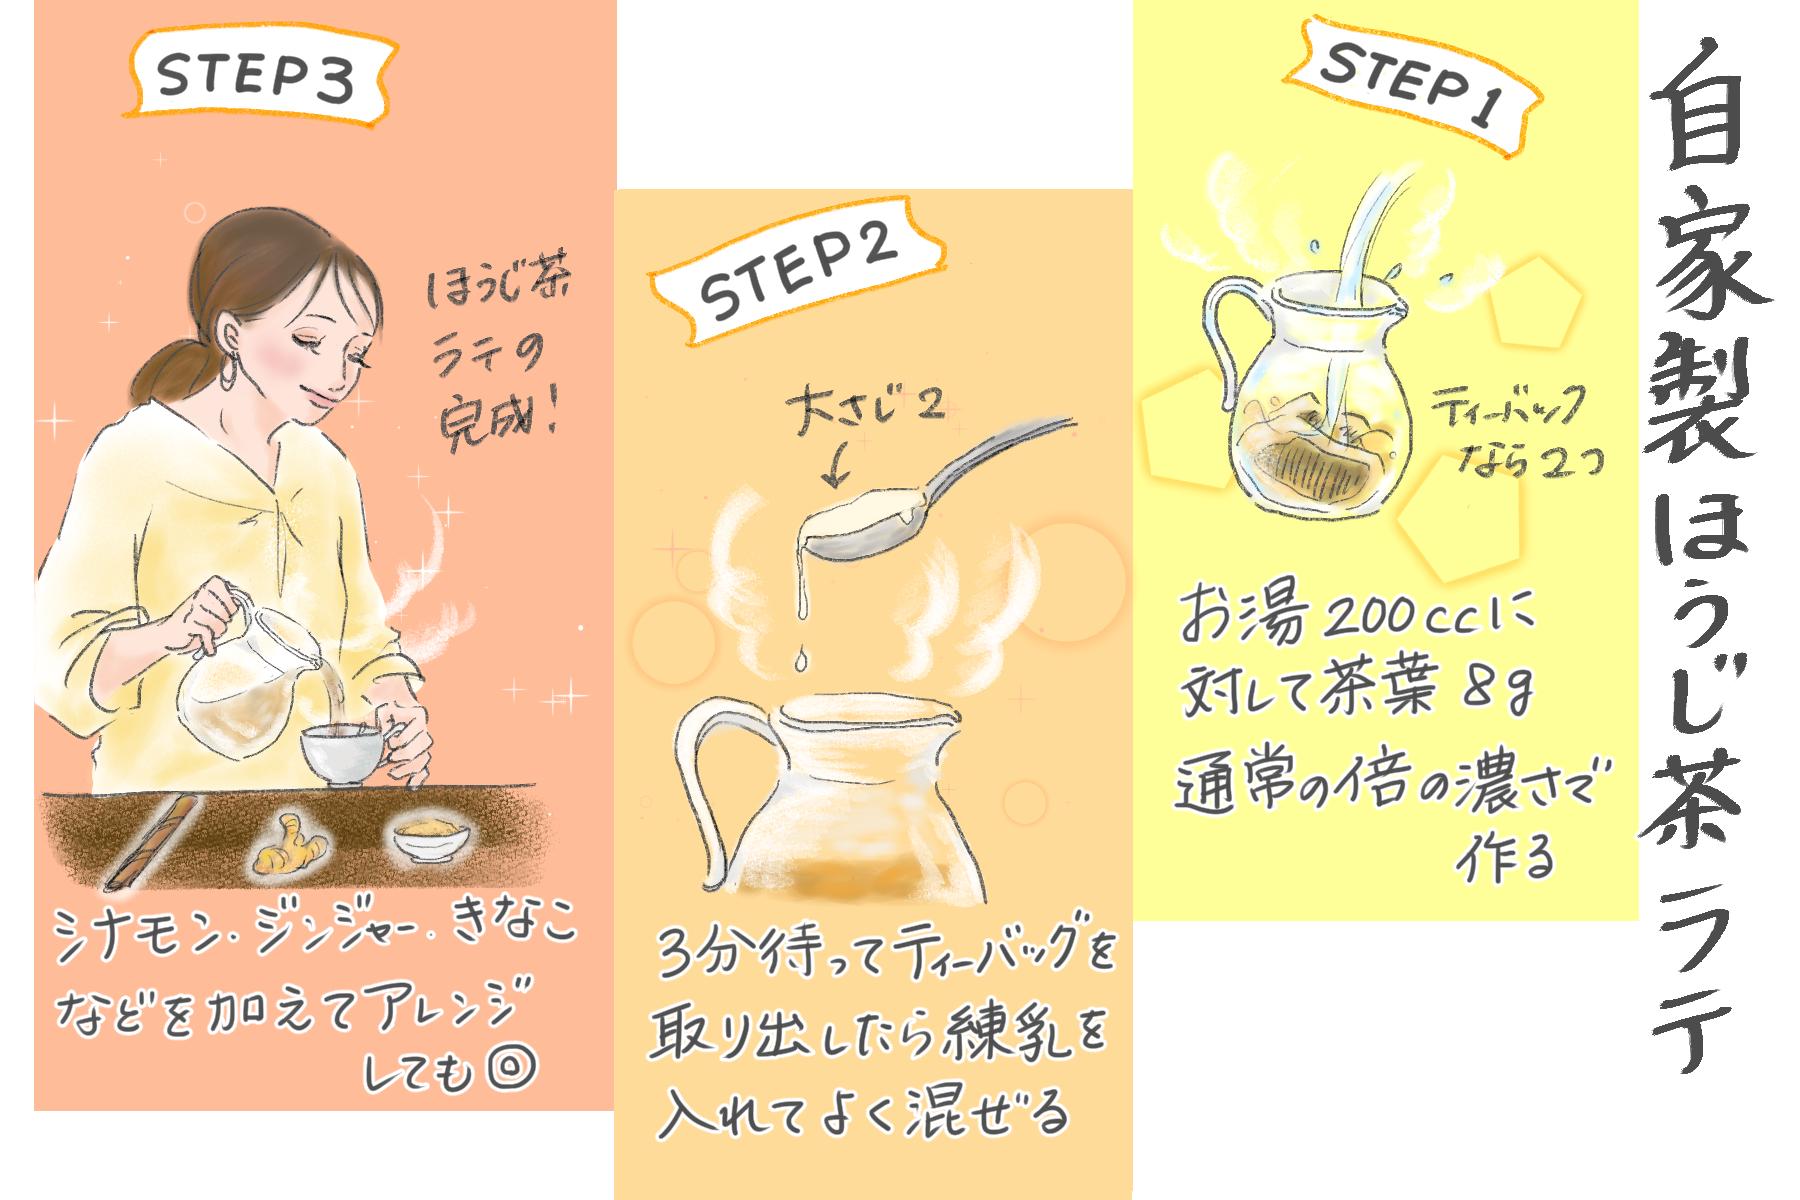 ママの時間をホッと癒してくれる、しあわせの香り「お〜いお茶 ほうじ茶」の知らざれる魅力を聞いてみた!